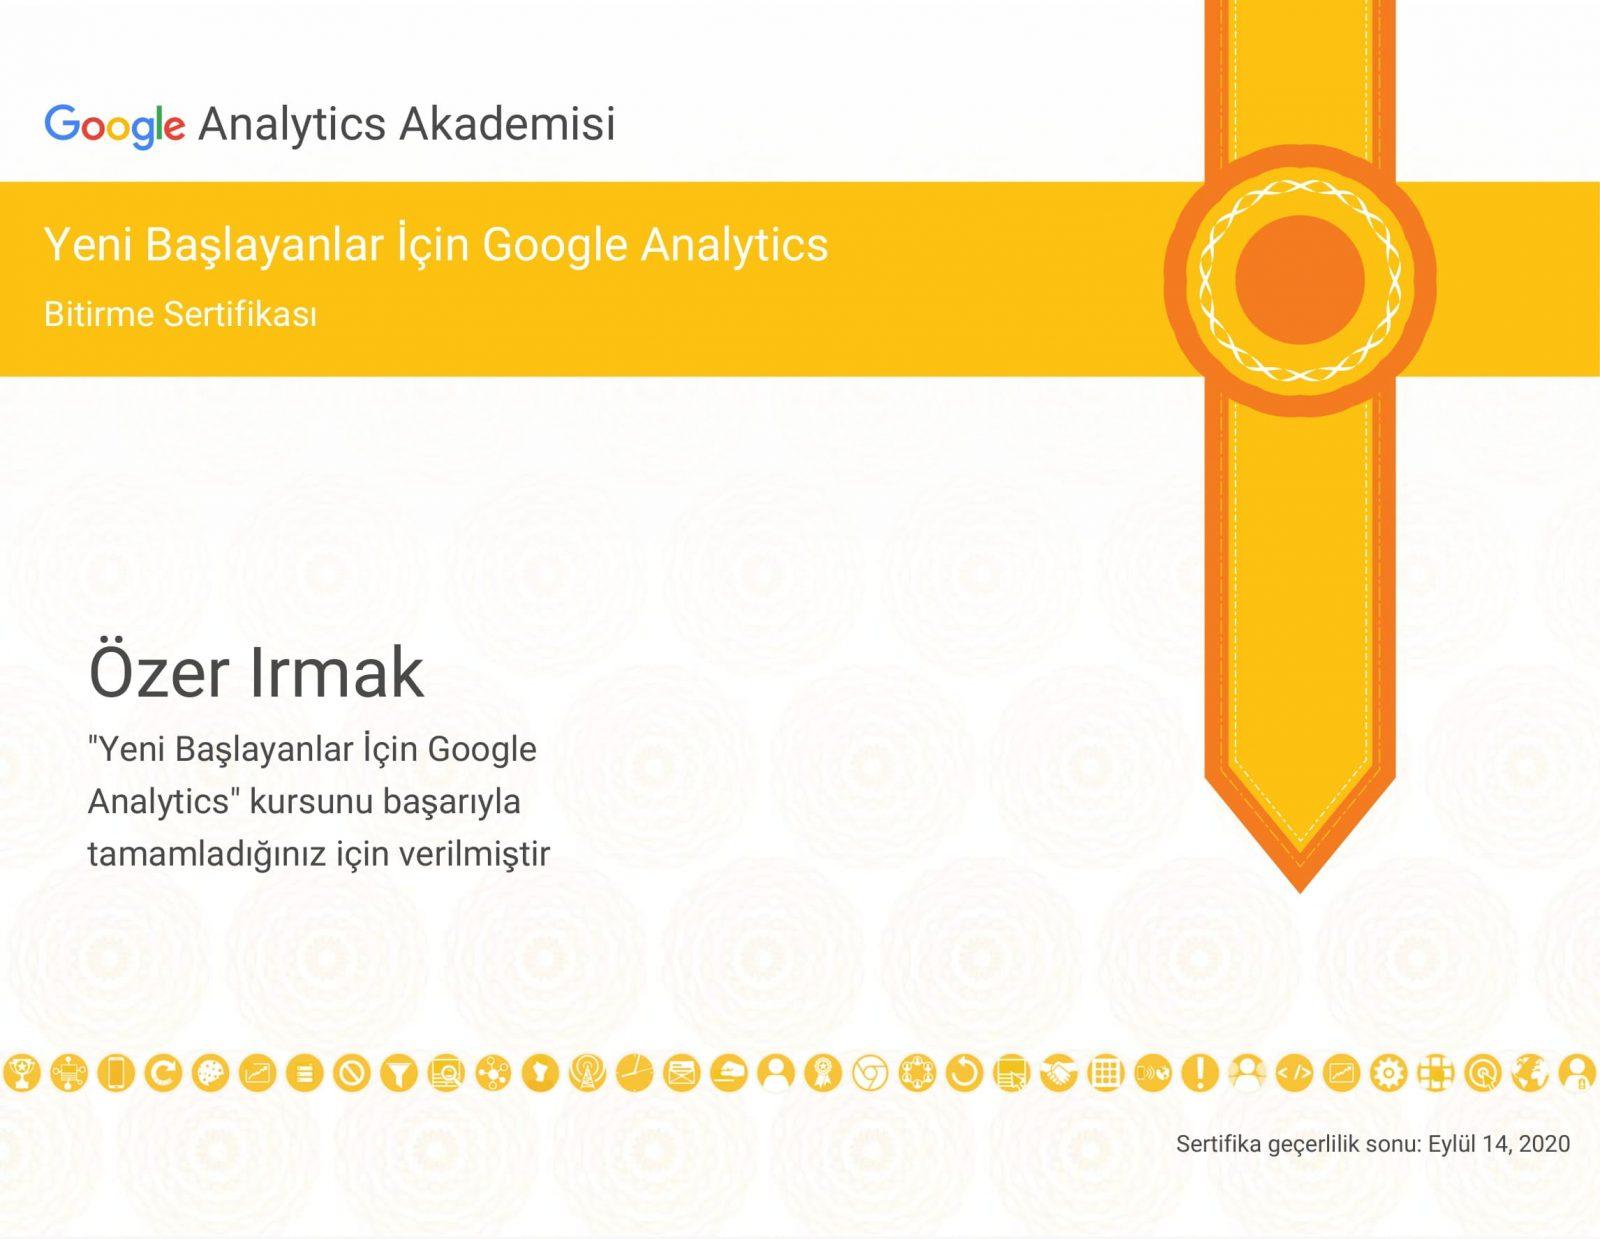 Yeni Başlayanlar İçin Google Analitiks Sertifikasyonu